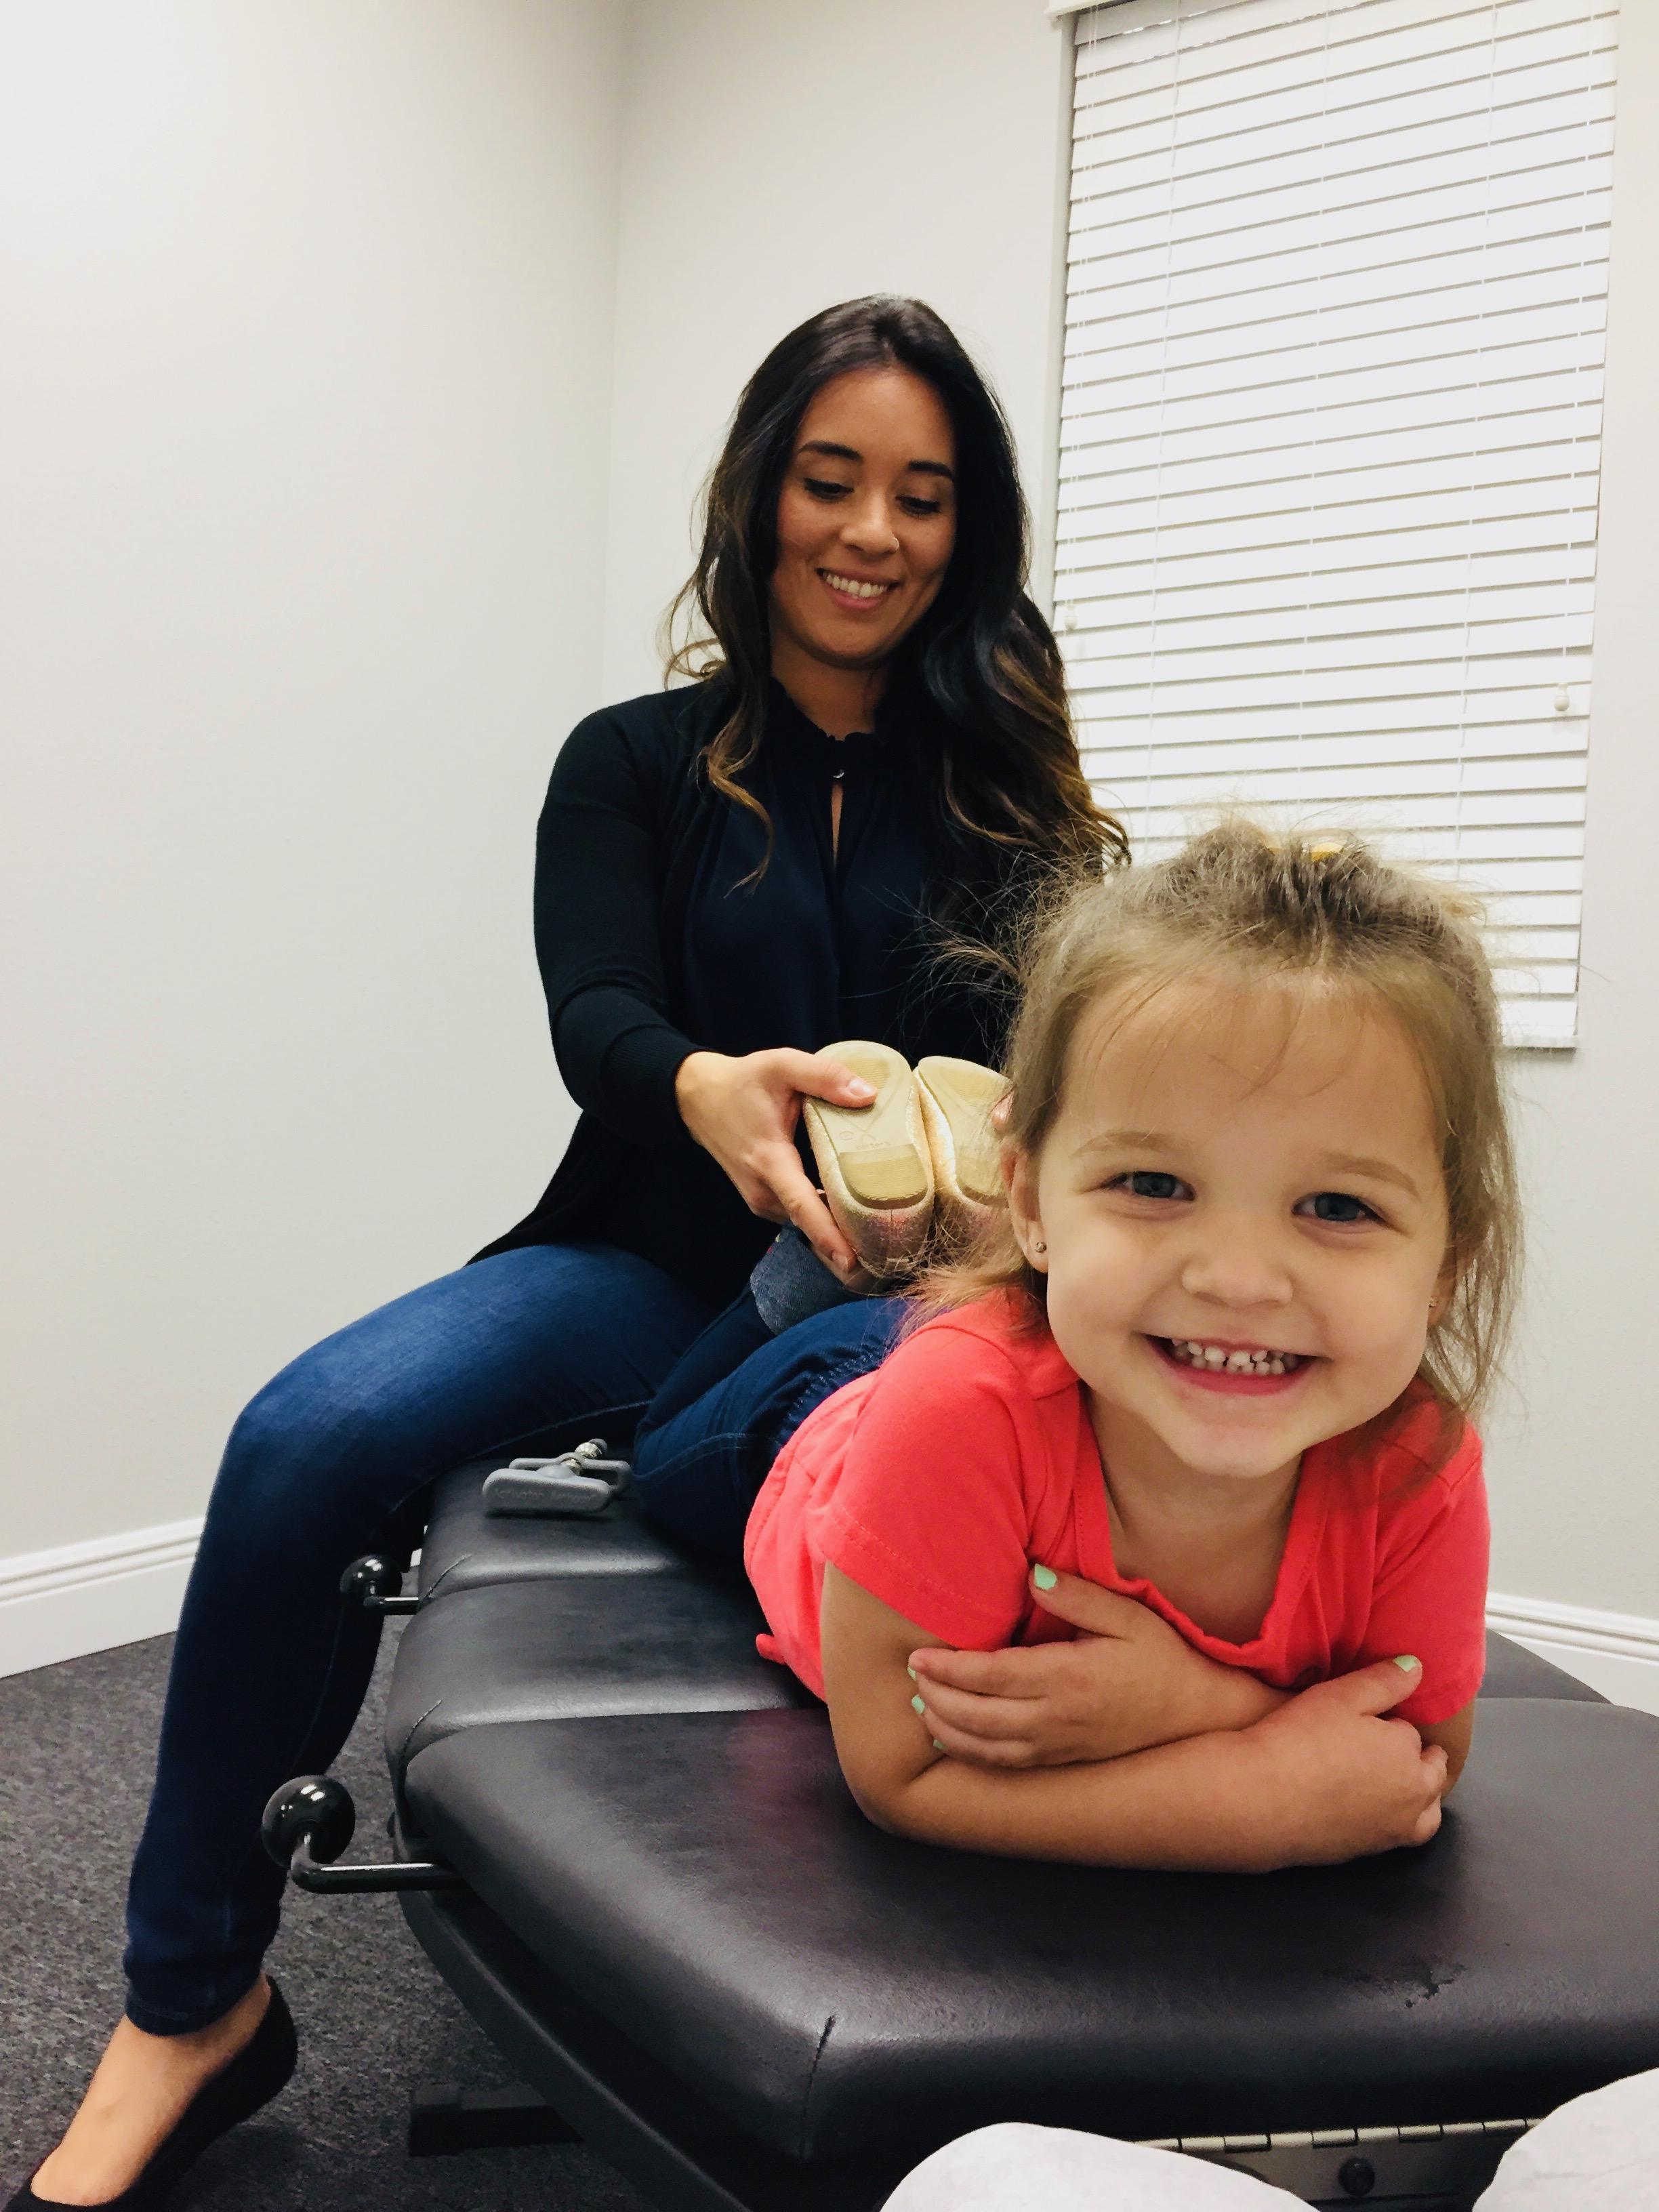 Pediatric Chiropractor in Lakewood Ranch, Bradenton, Sarasota, FL